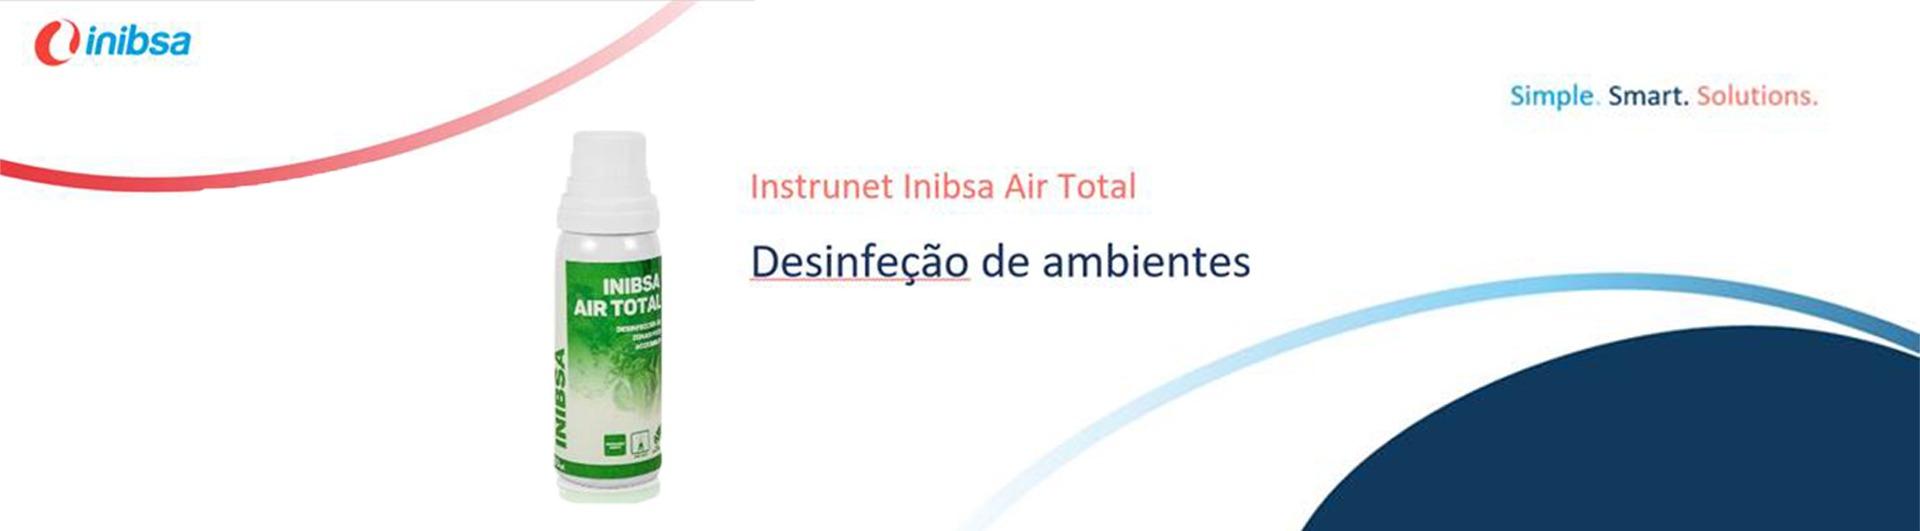 Instrunet Inibsa Air Total (NOVO LANÇAMENTO)